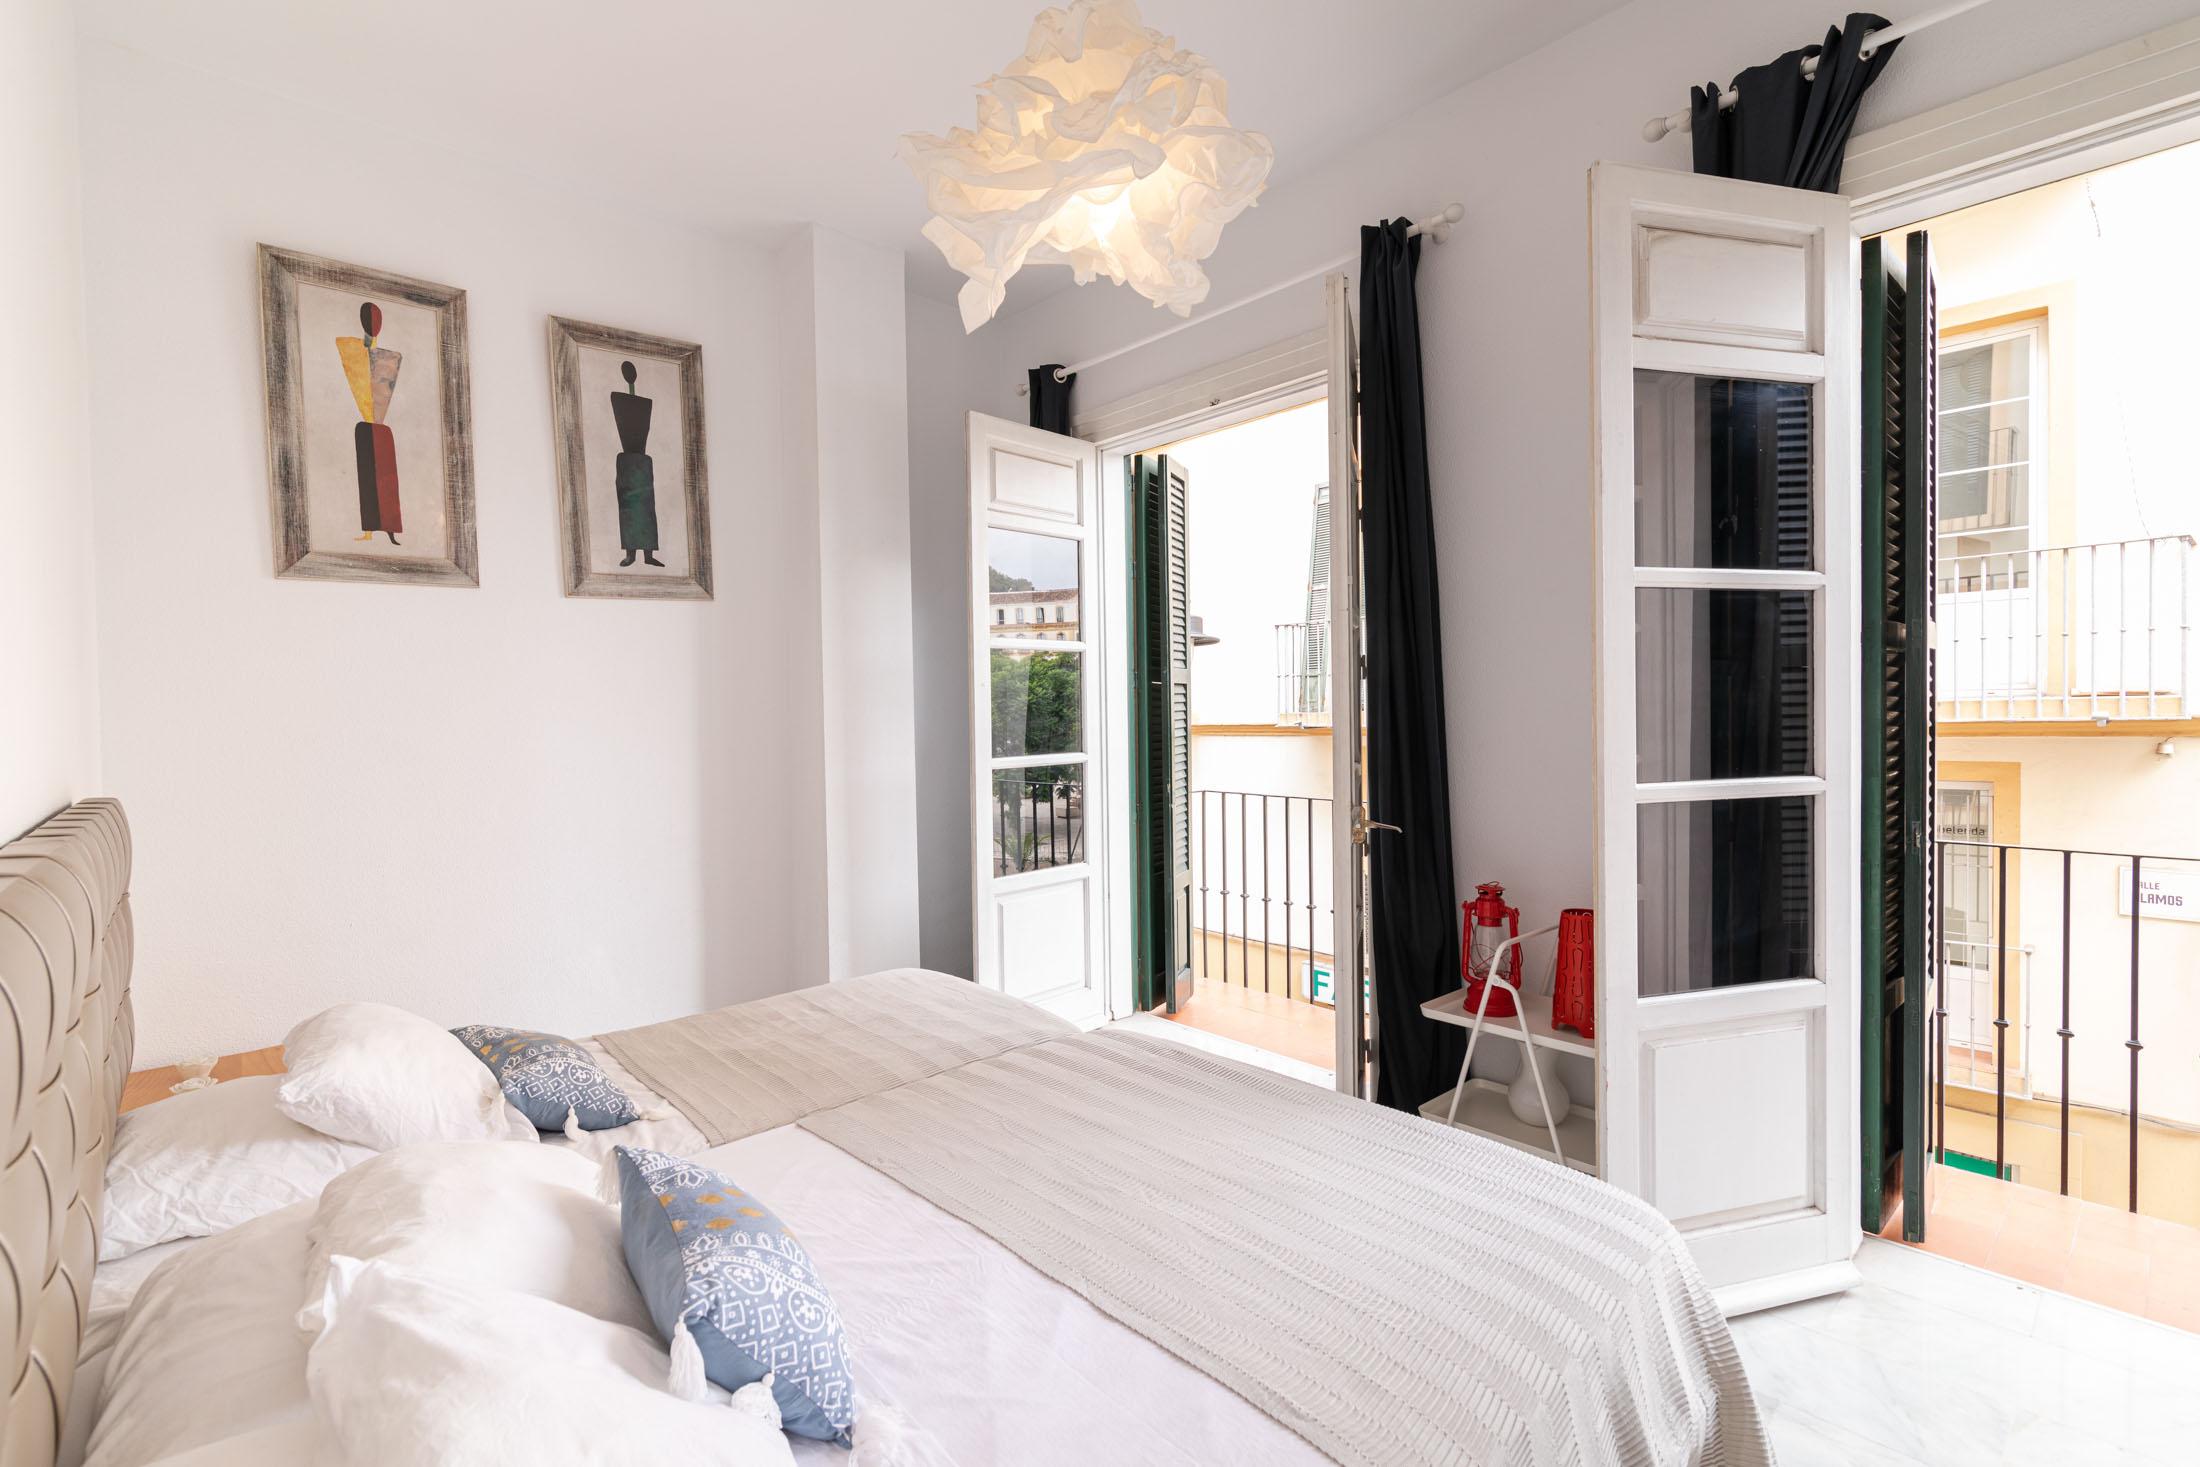 apartamento-plaza-merced-dormitorio-2